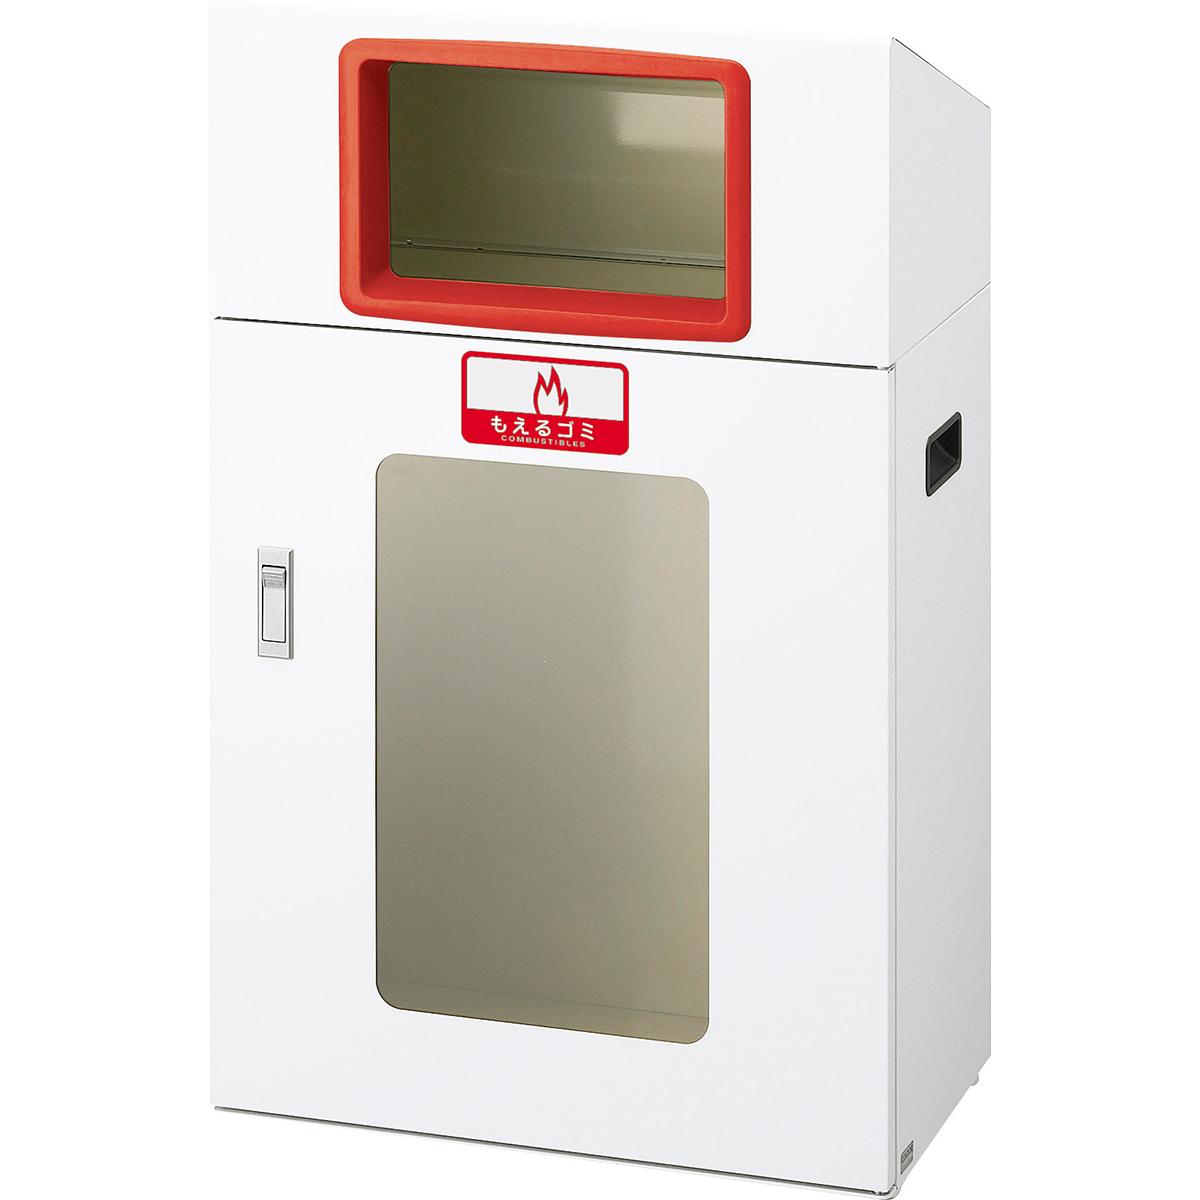 山崎産業 リサイクルボックス YOS-50 70L もえるゴミ/R(赤) (代引不可) YW-342L-ID